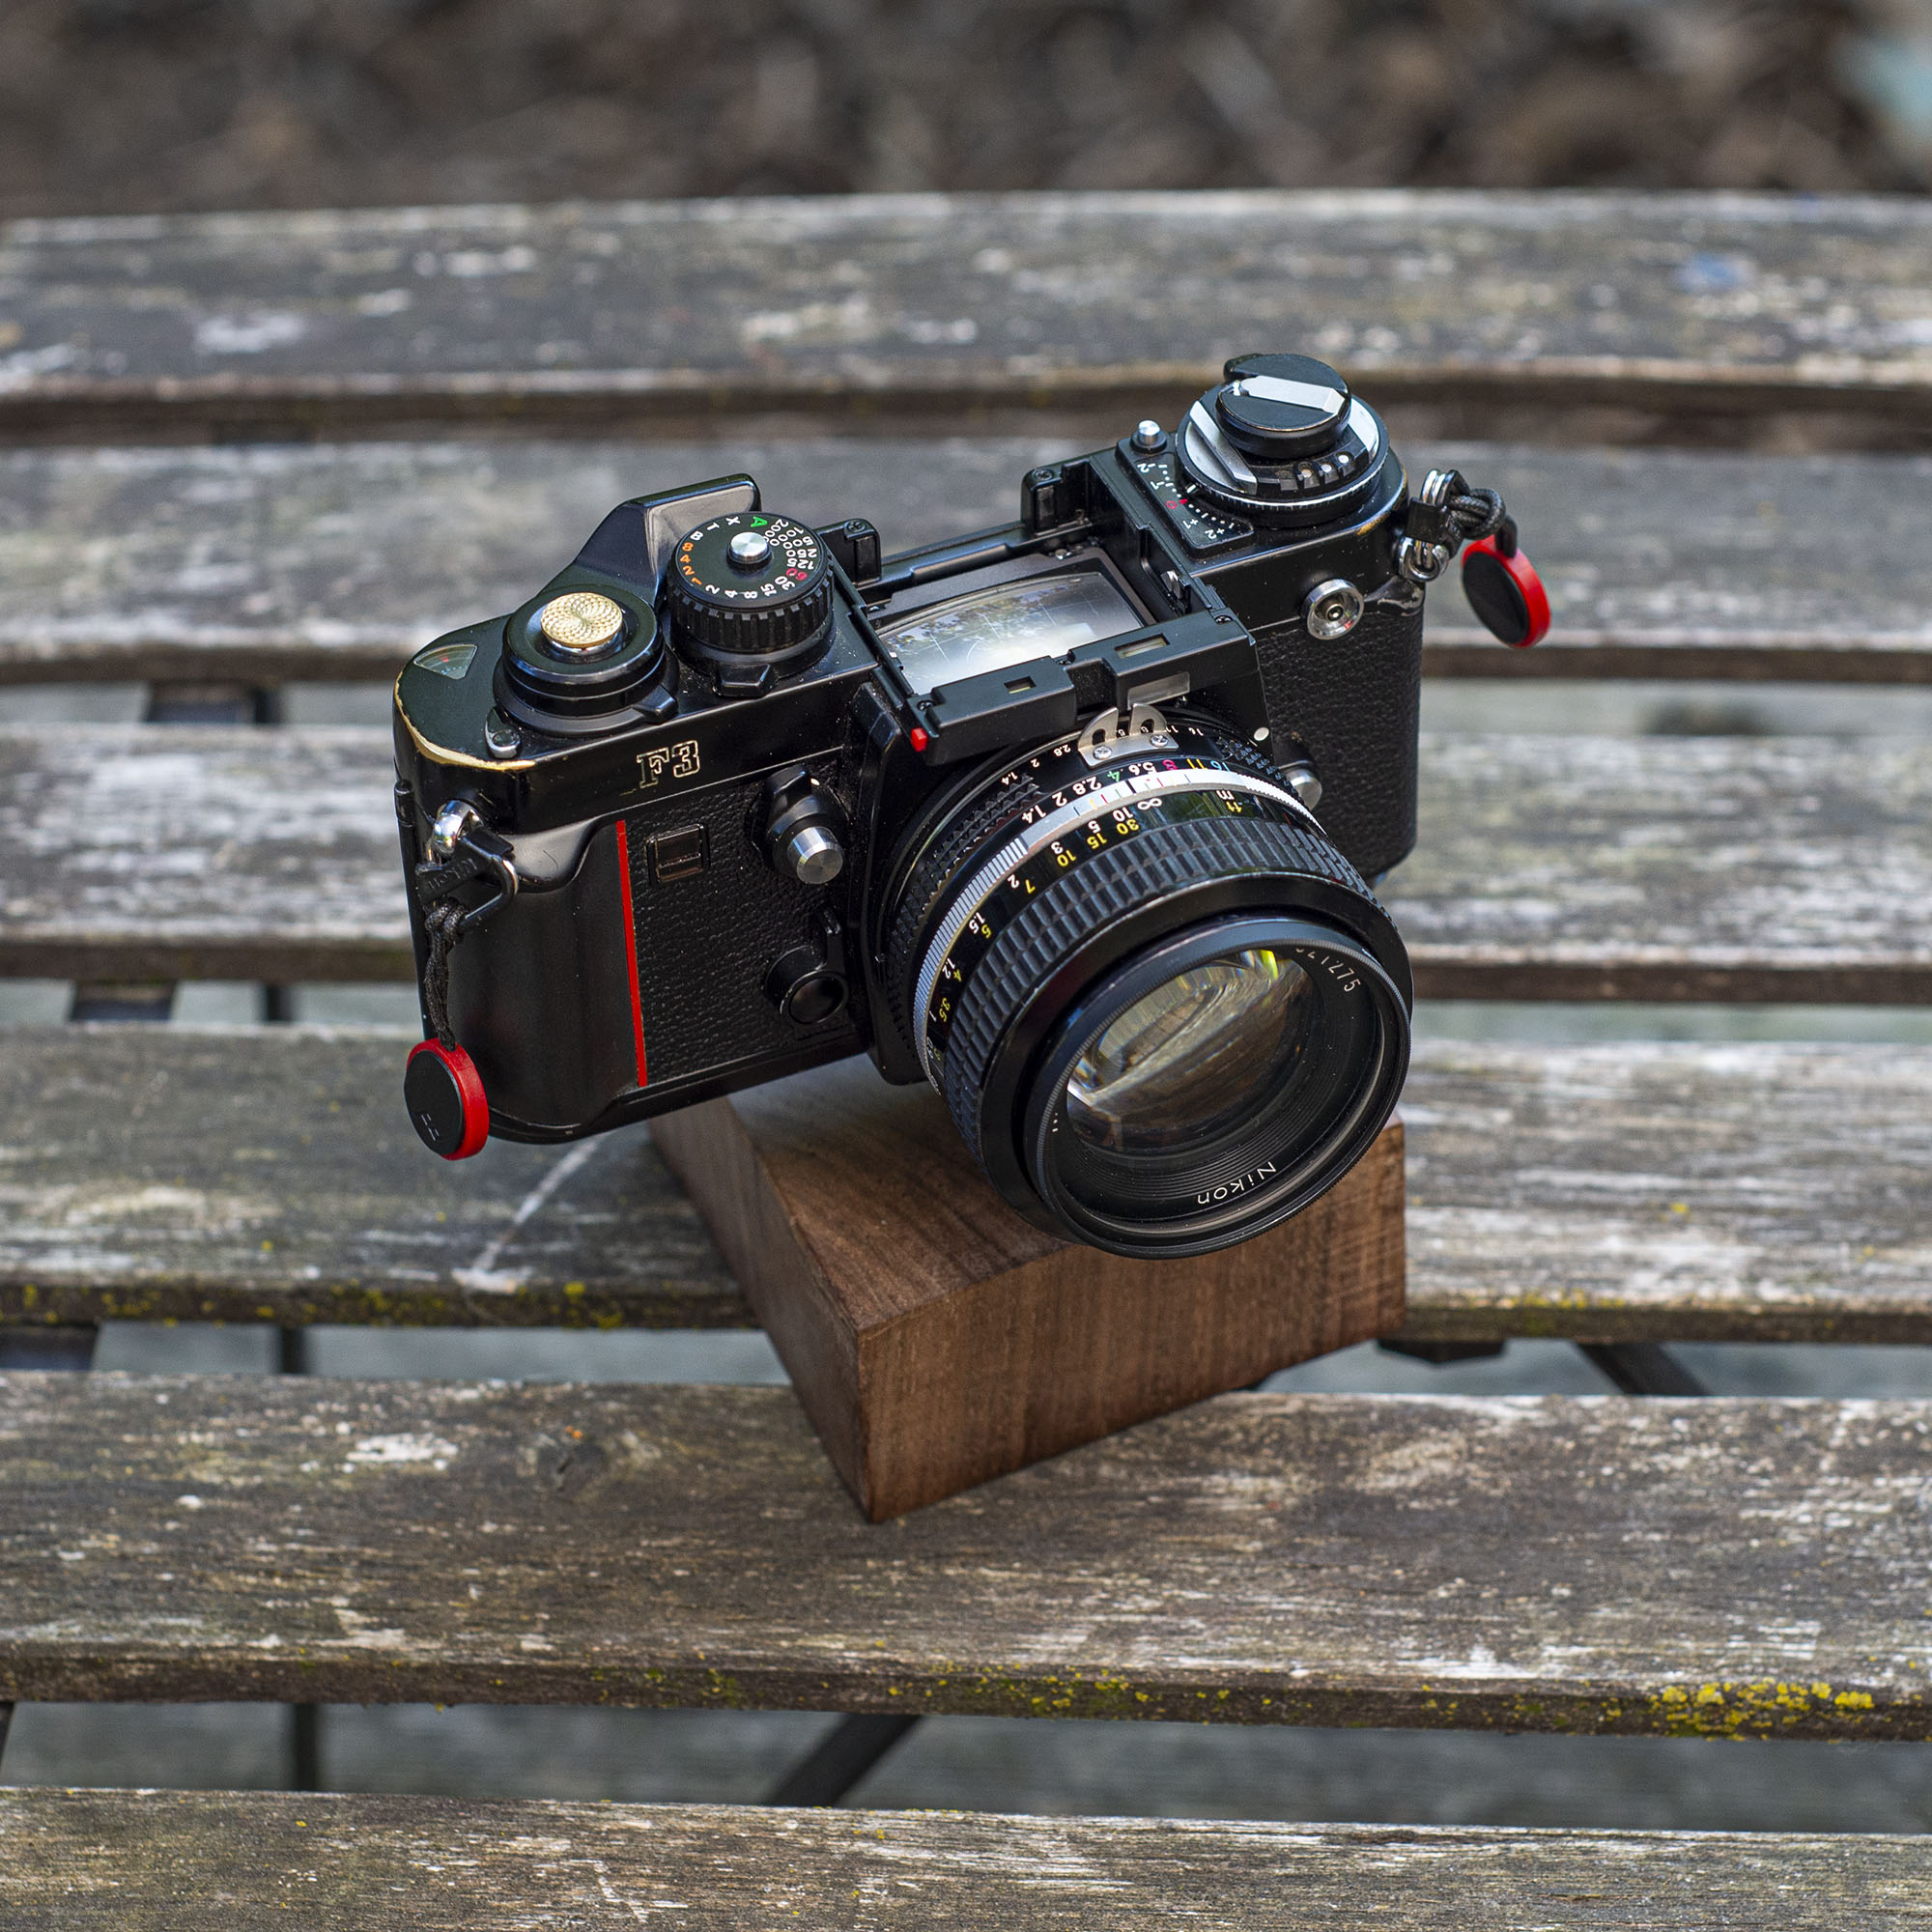 Nikon F3 with no finder